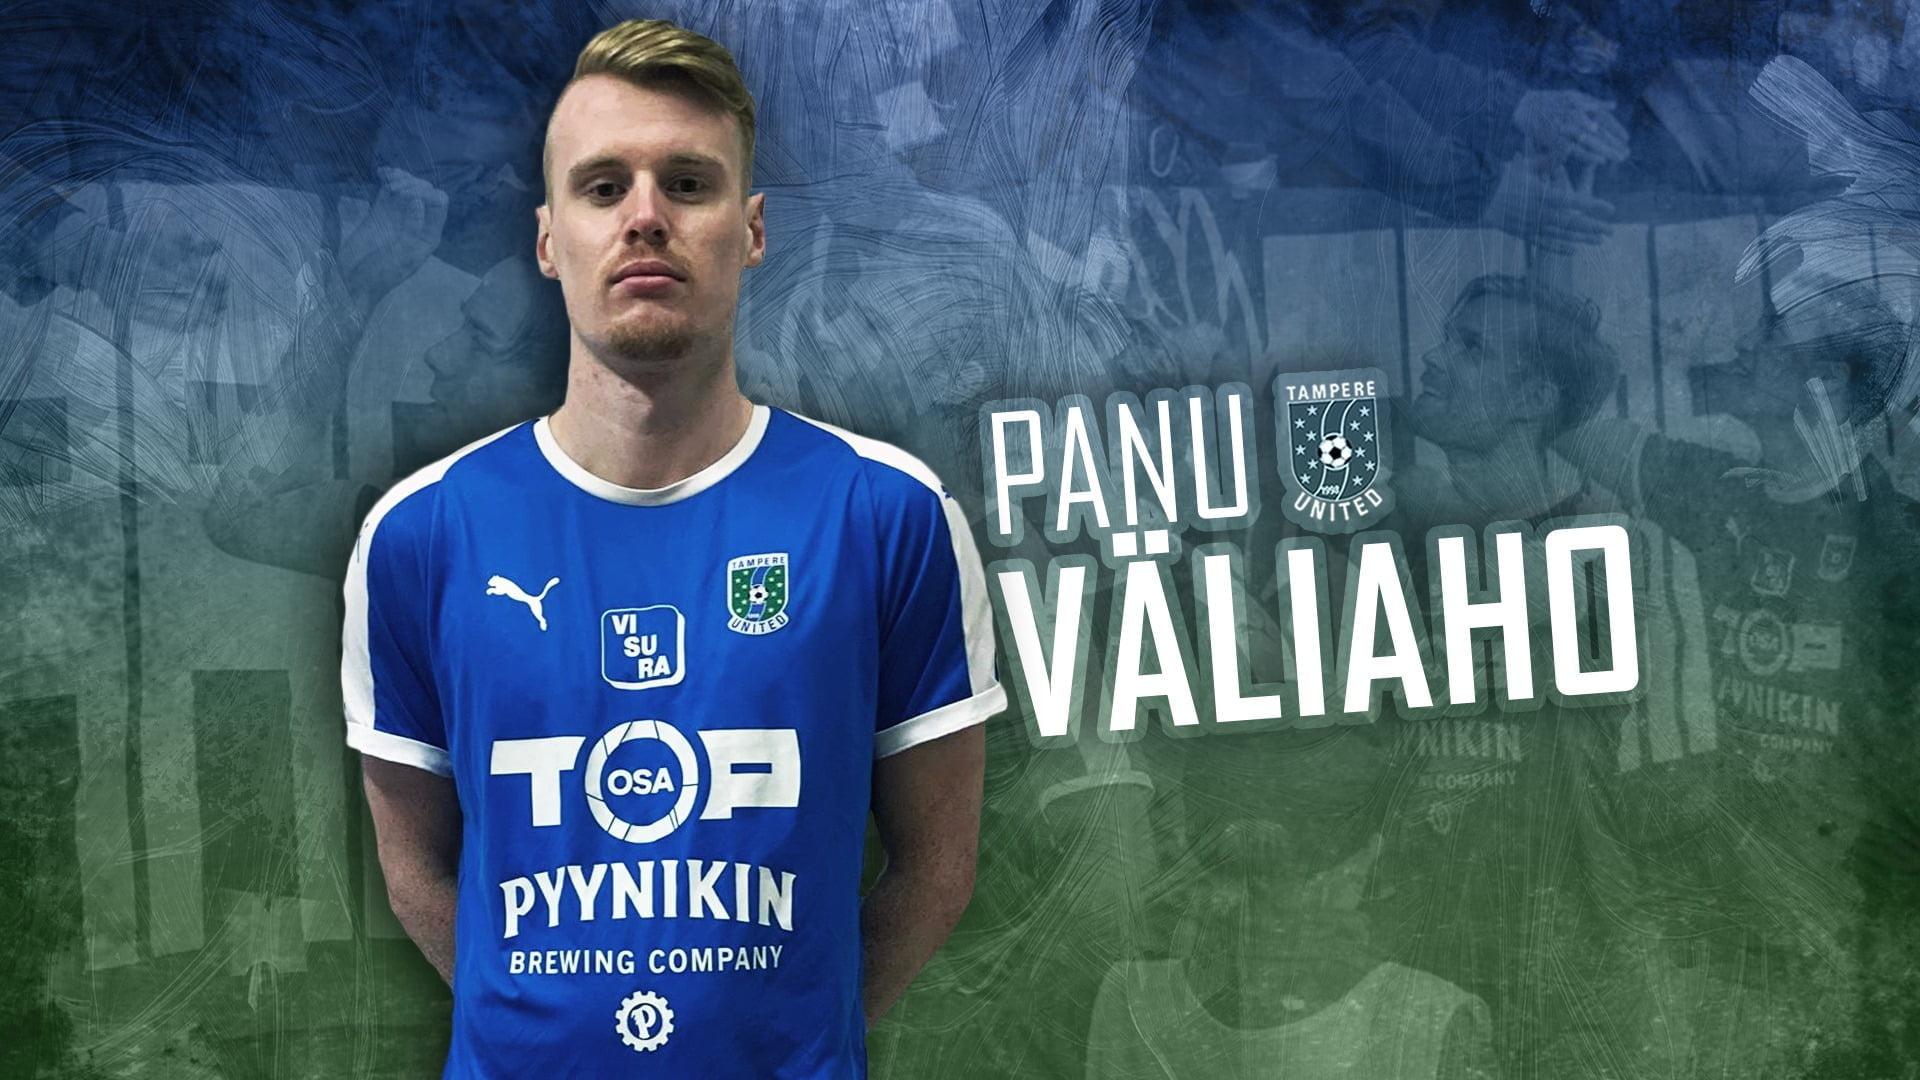 Tampere United ja Panu Väliaho 1+1-vuotiseen sopimukseen -uutiskuva